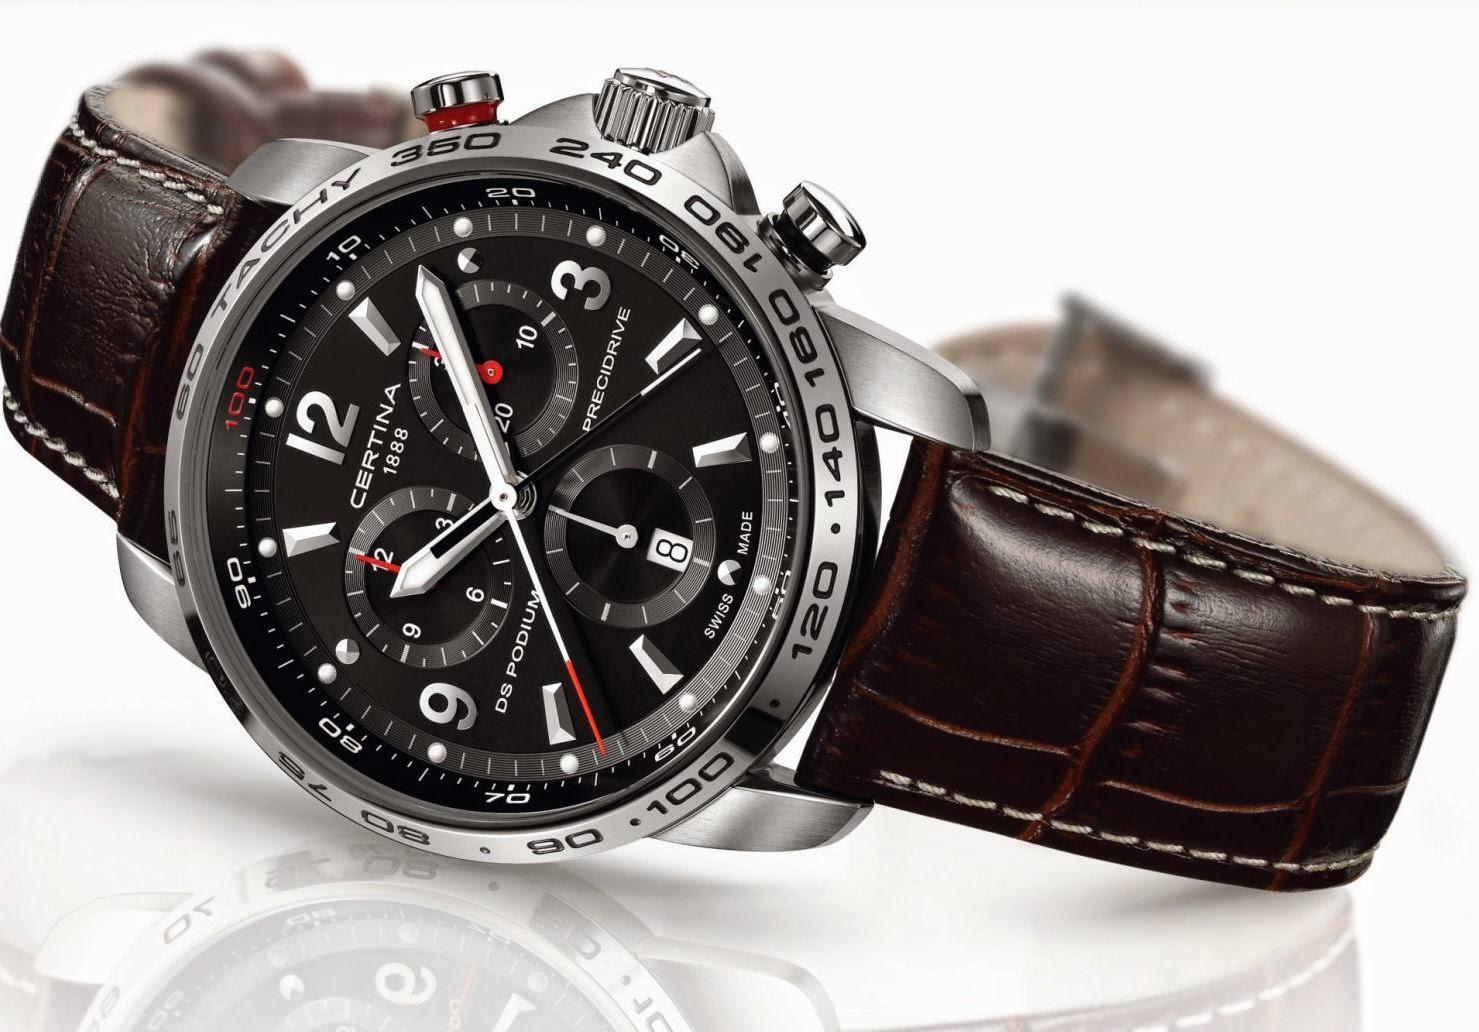 Швейцарские часы Certina, цена на официальном